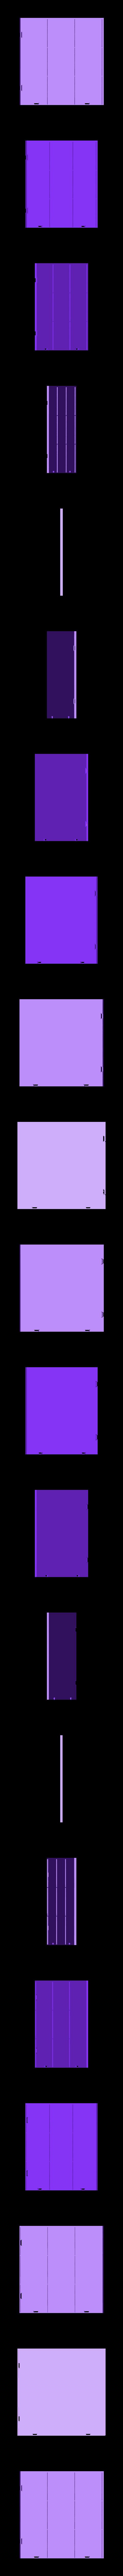 NE_QUAD.stl Télécharger fichier STL gratuit Tsuro Game Board • Objet à imprimer en 3D, jbrum360